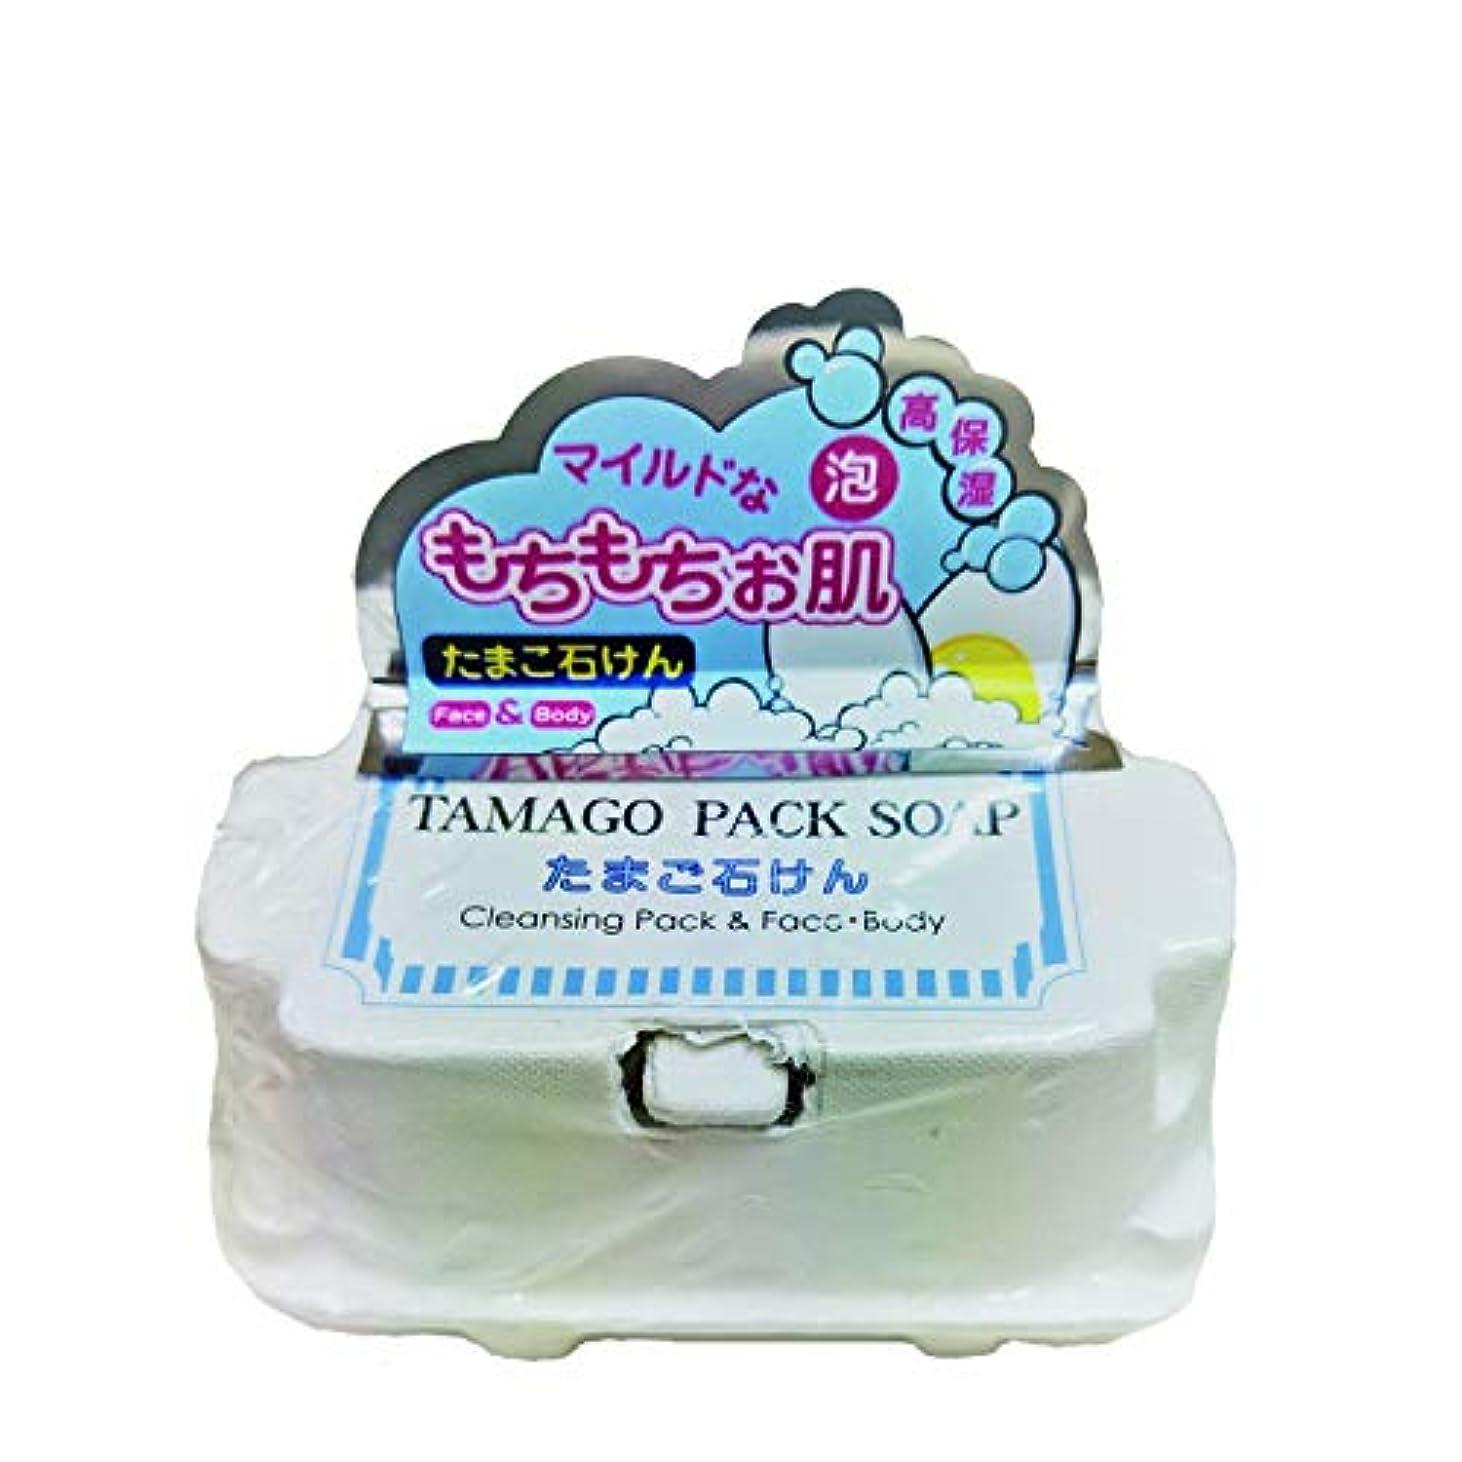 マットレス賞賛する繊細シンビジャパン たまご石けん TAMAGO PACK SOAP フェイス?ボディ用 50g×2個入